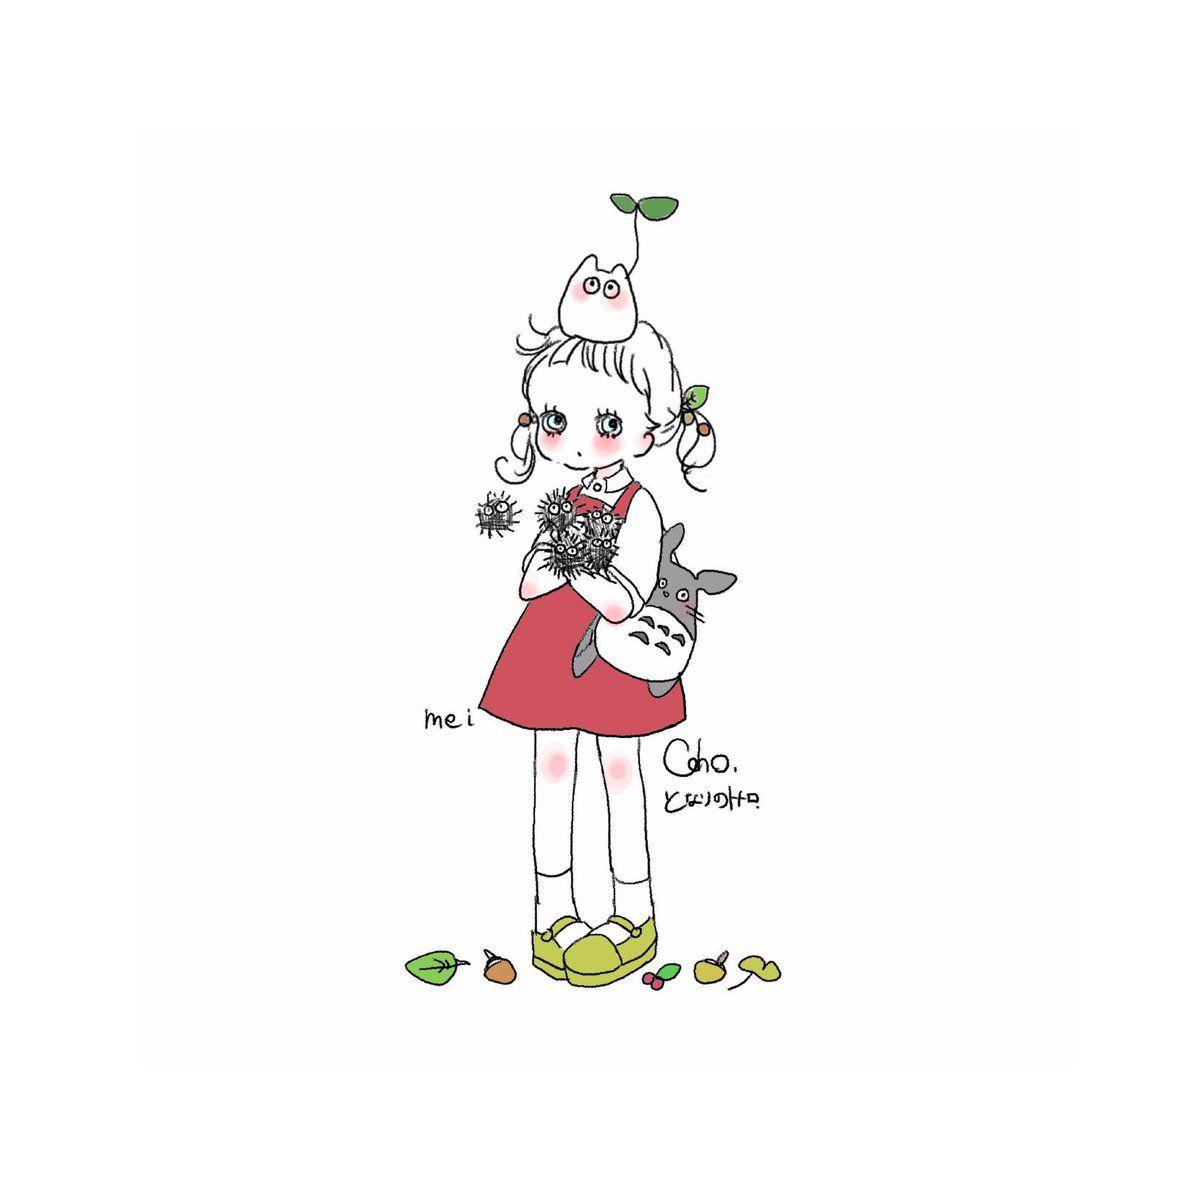 Illust Cute おしゃれまとめの人気アイデア Pinterest ᕱ ᕱ かわいい イラスト 手書き Caho イラスト かわいいスケッチ